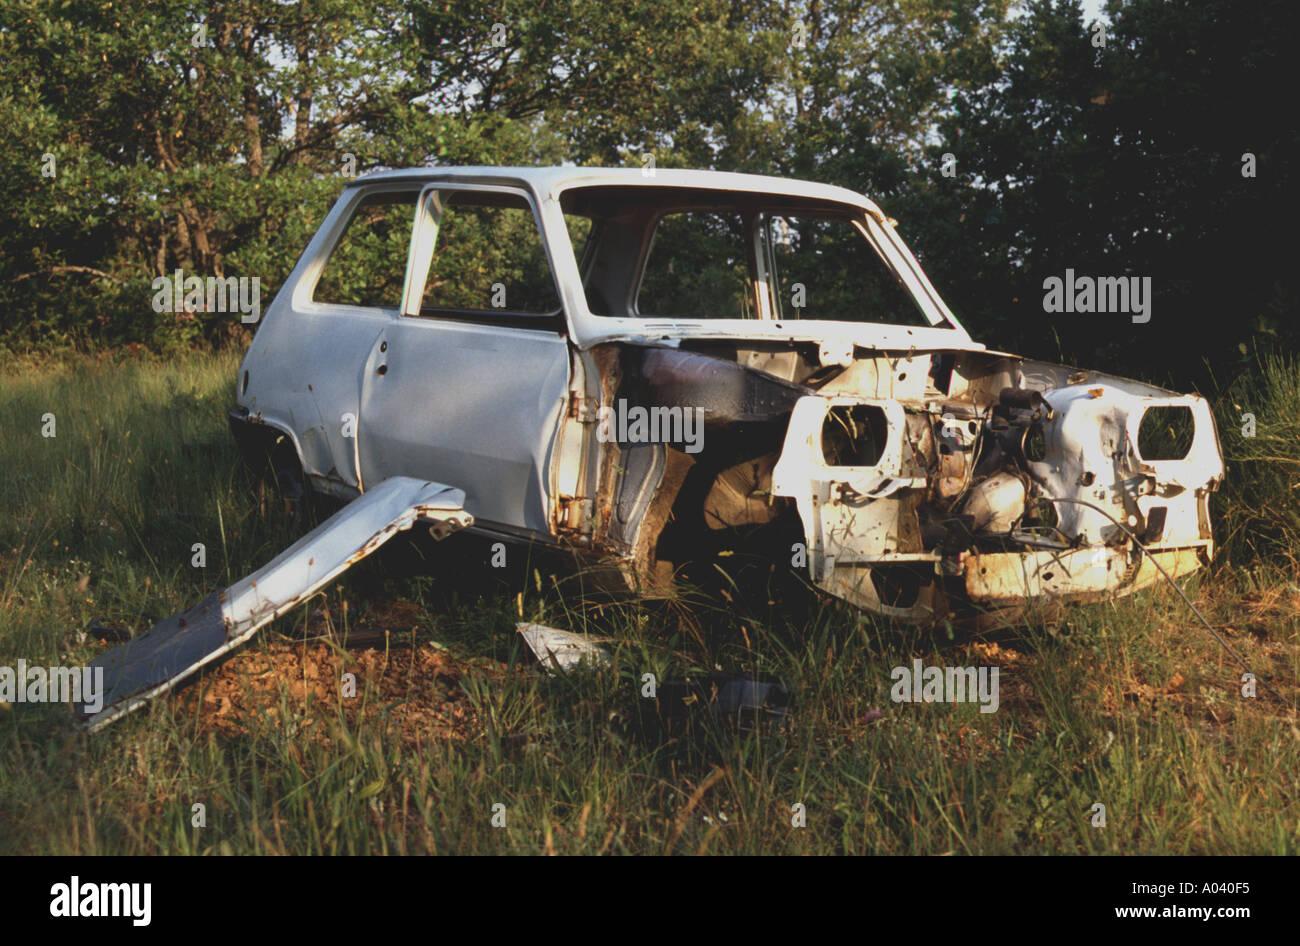 car wreck scrap value scrap metal junk rubbish Stock Photo: 16629 ...